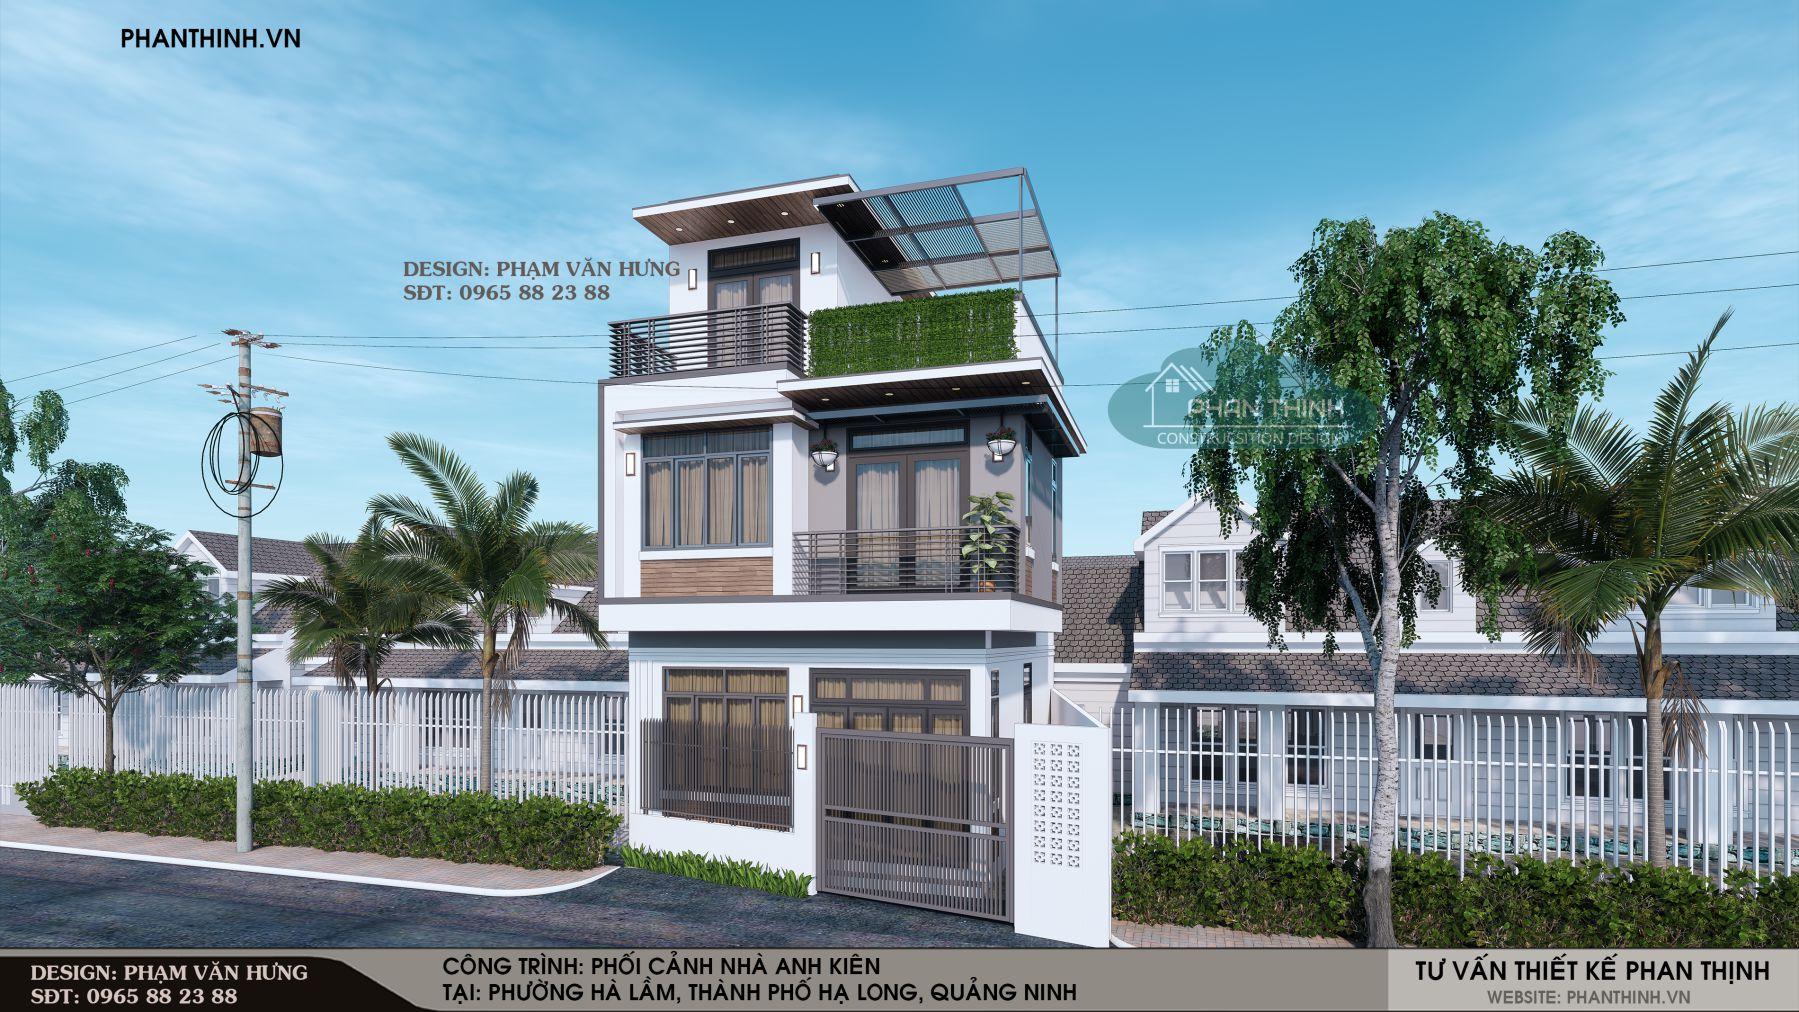 Thiết kế xây dựng mặt tiền nhà 2 tầng ở Quảng Ninh